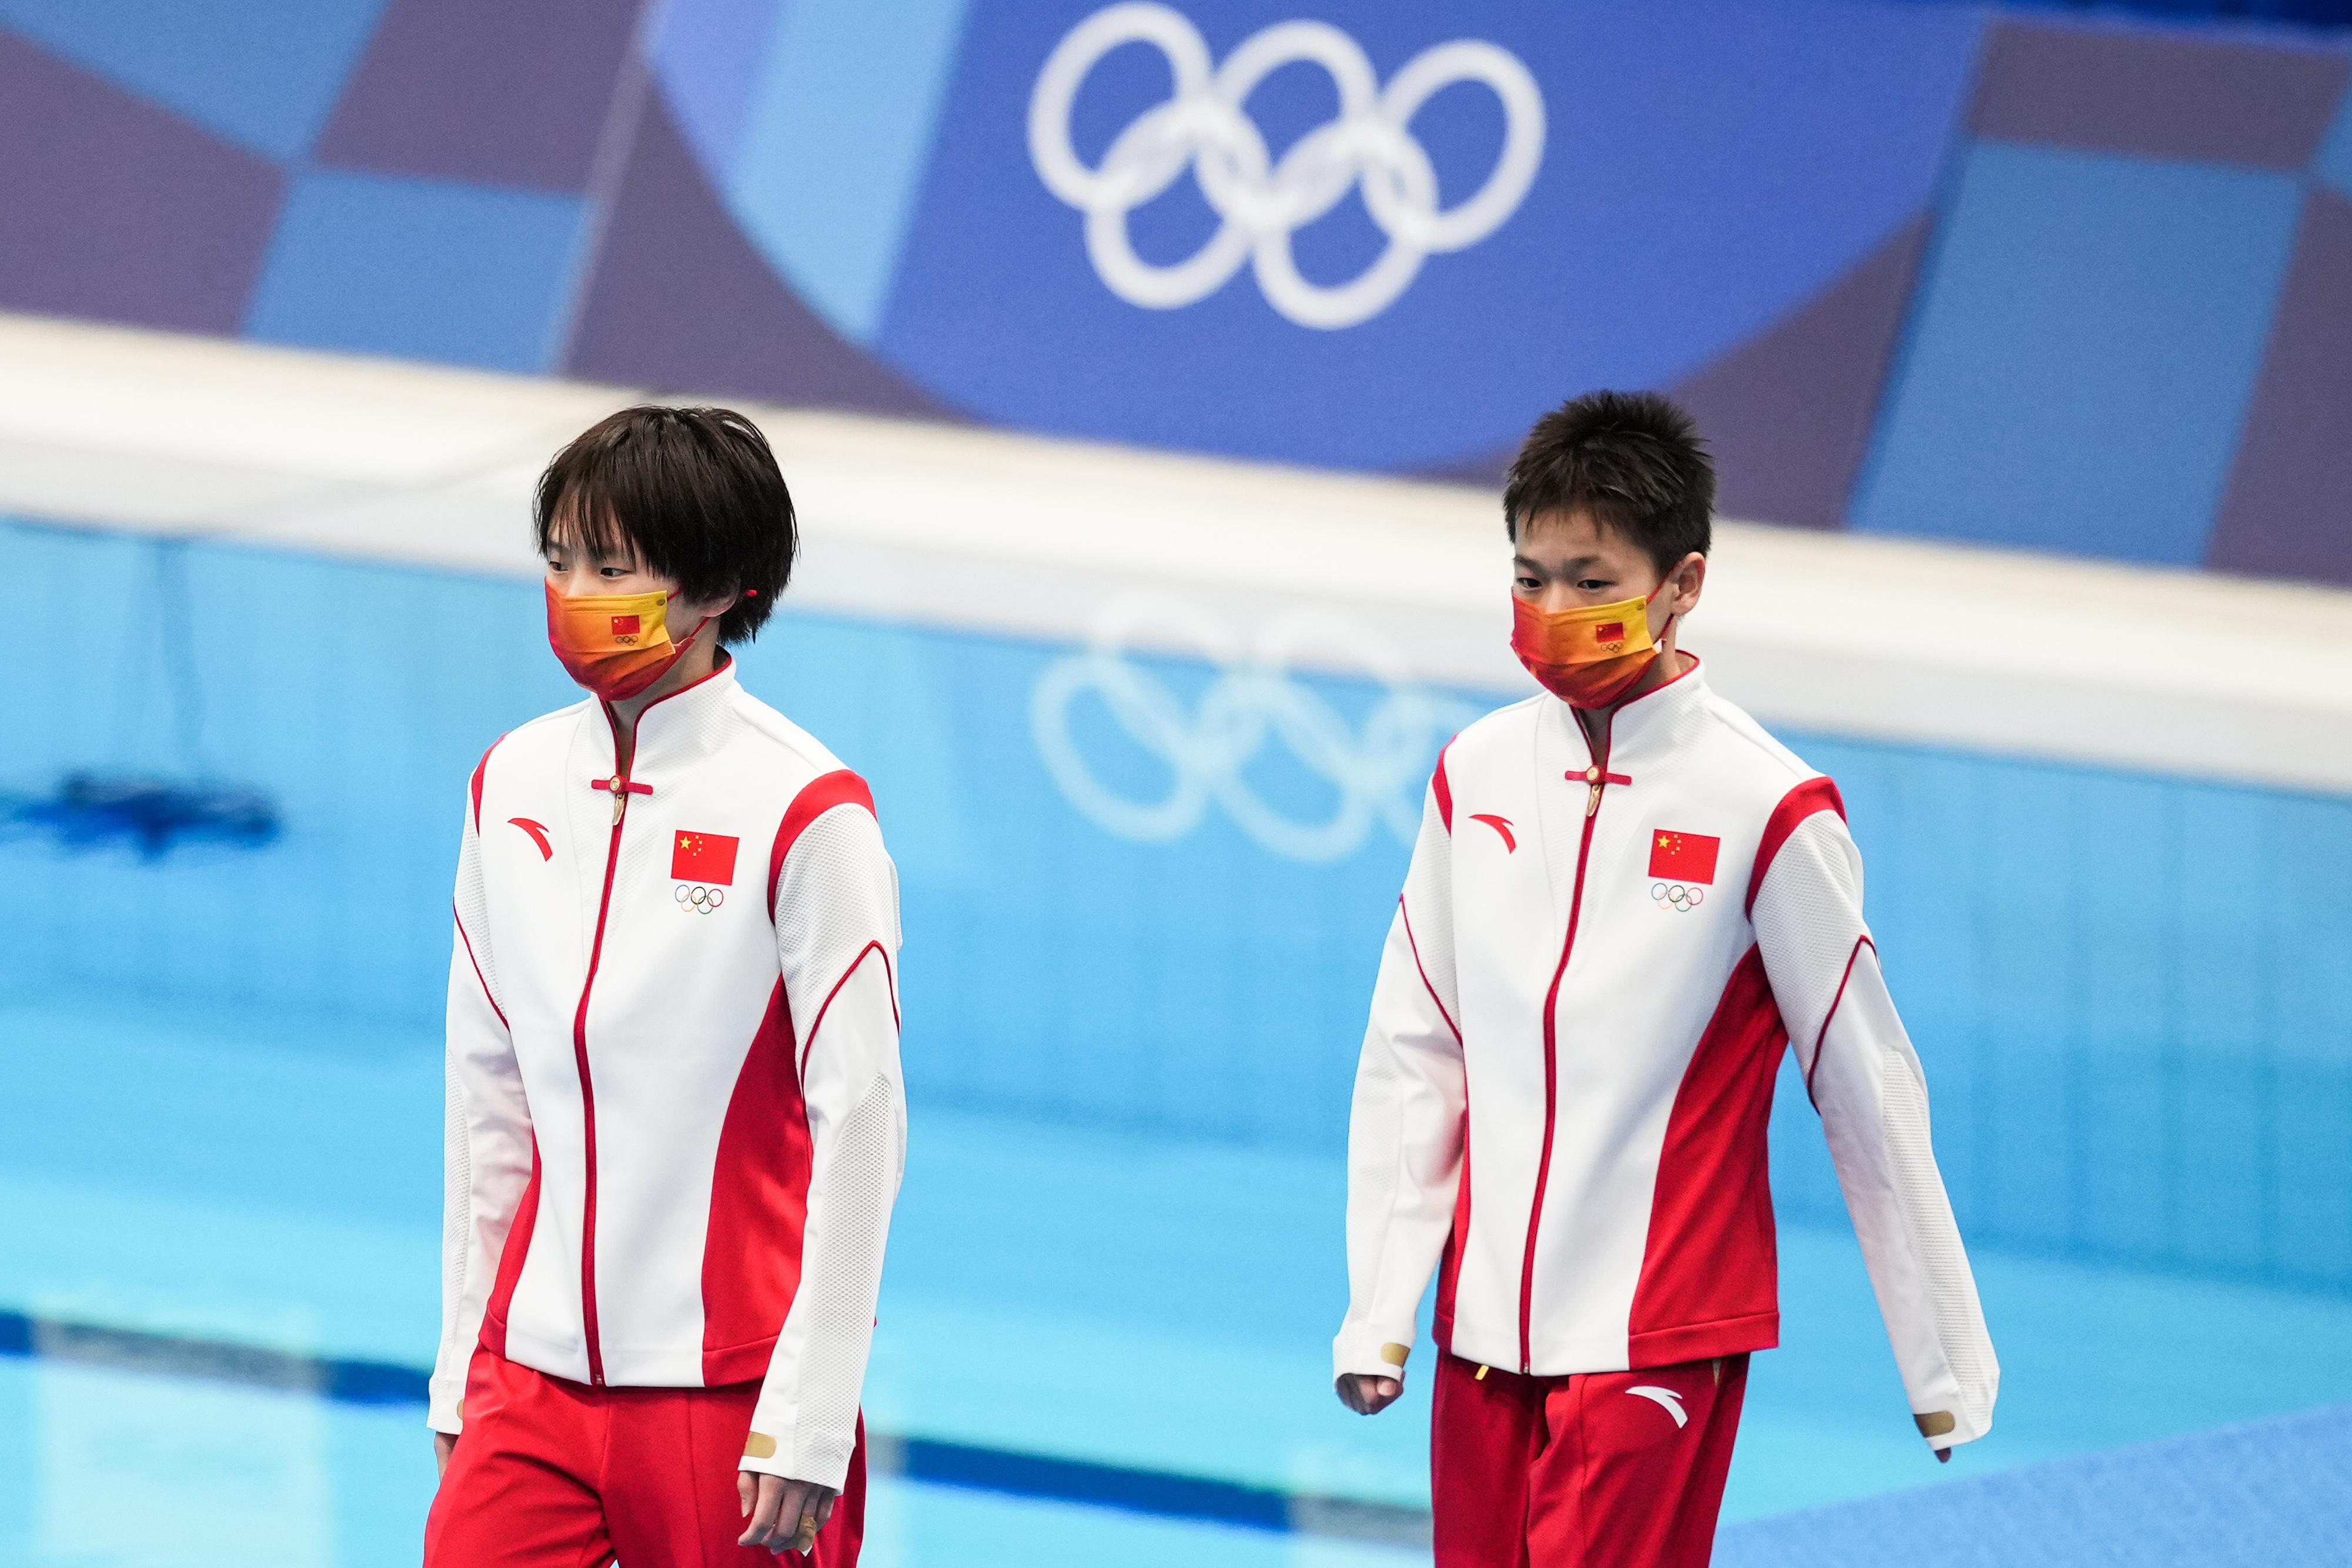 陈芋汐(左)和全红婵。